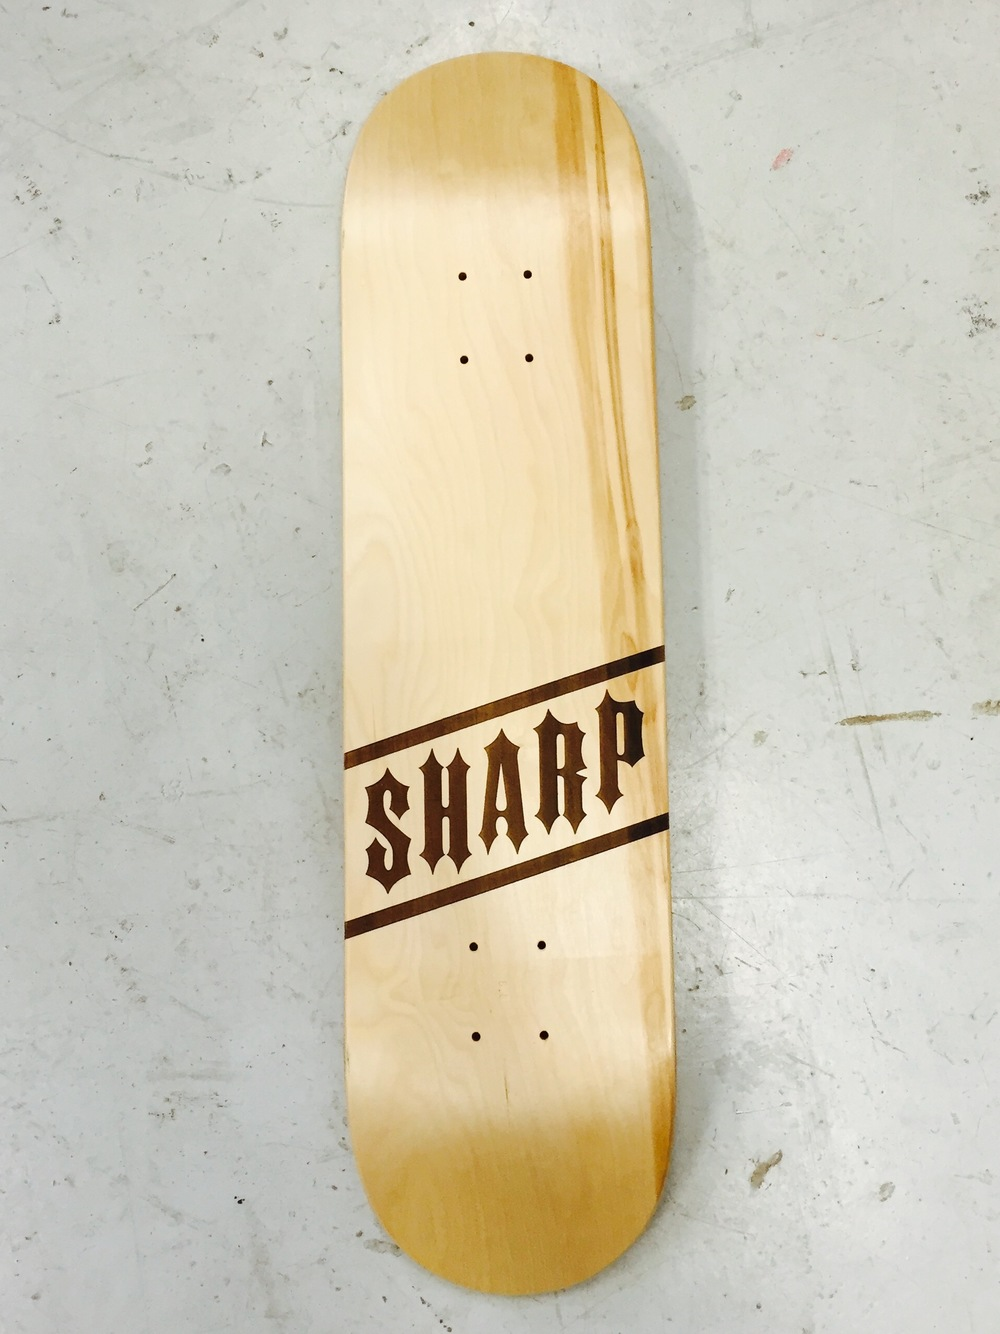 MARCUS SHARP